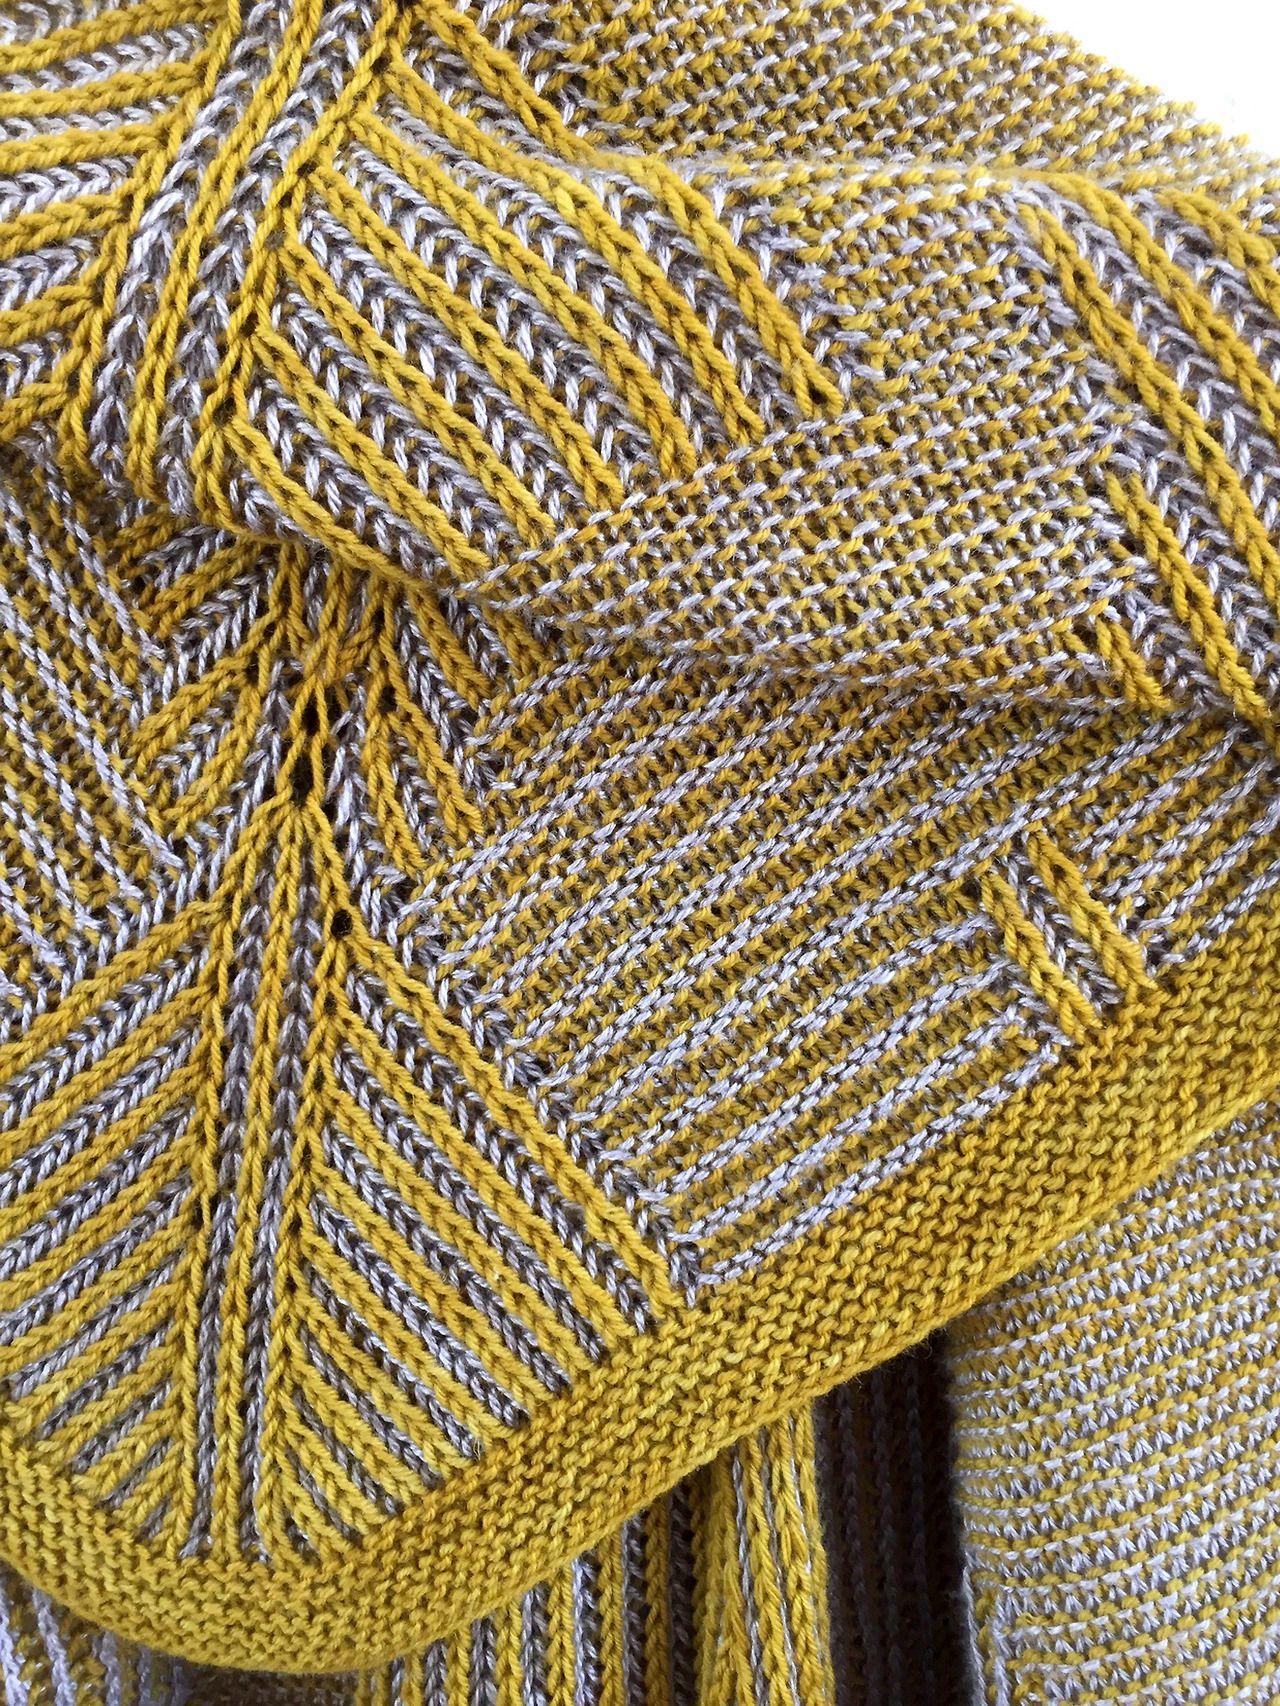 my new design - Gramina shawl - Ravelry (March 8th) - Wir stricken ...